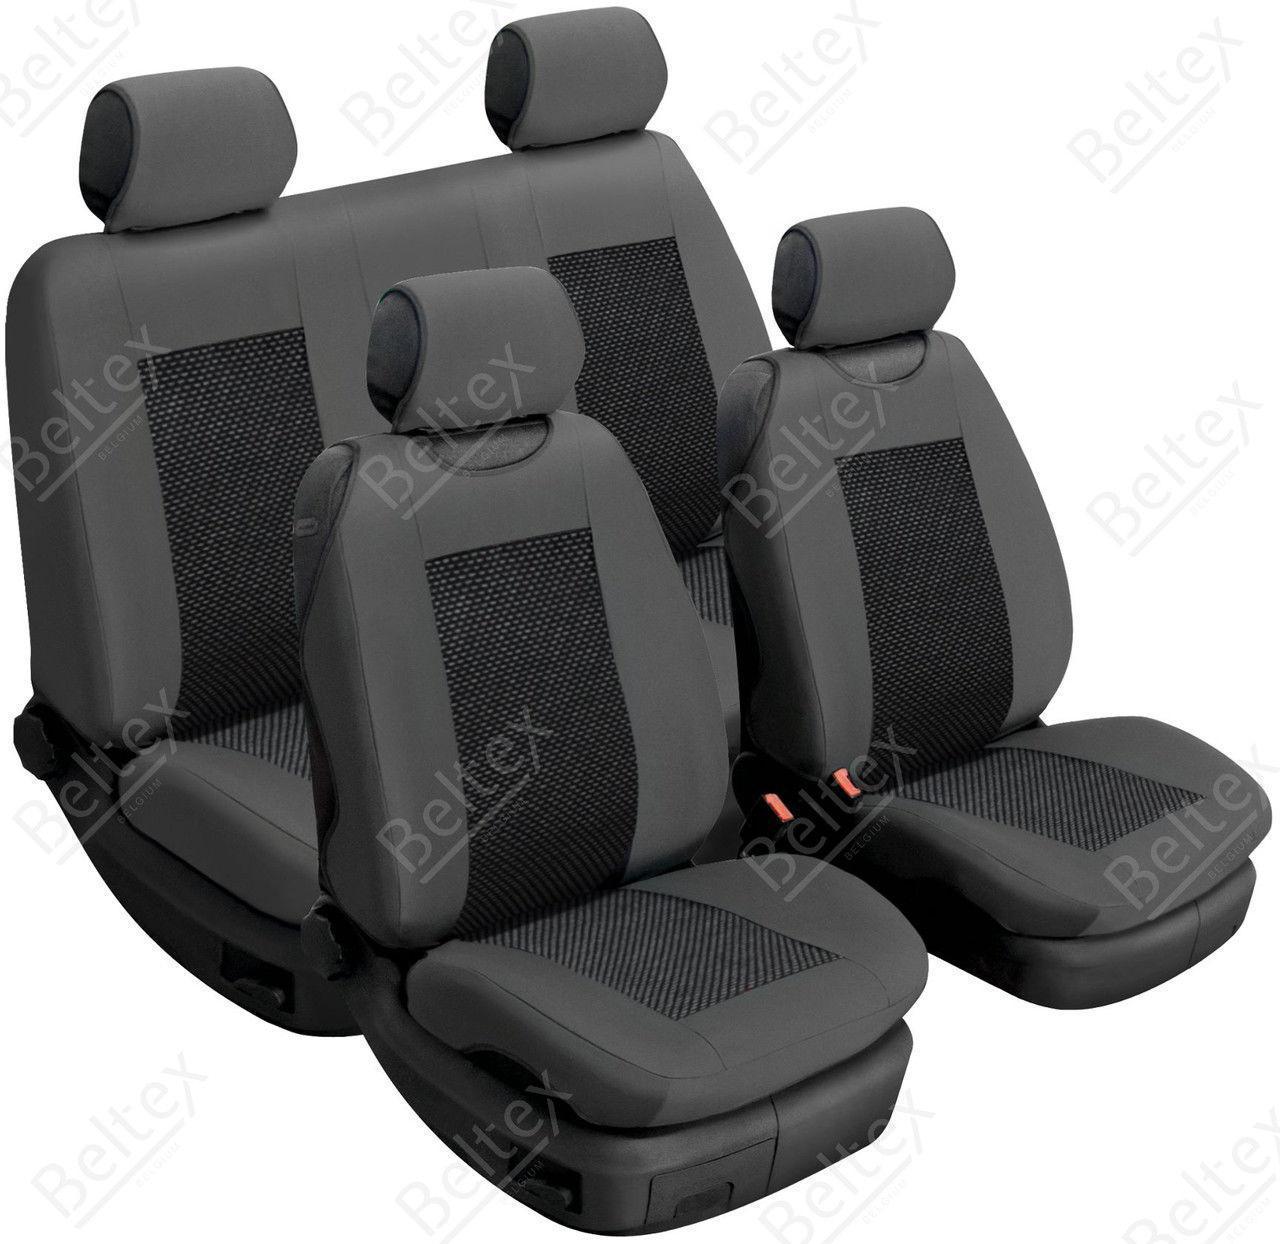 Майки/чехлы на сиденья Фиат Пунто СХ (Fiat Punto SX)